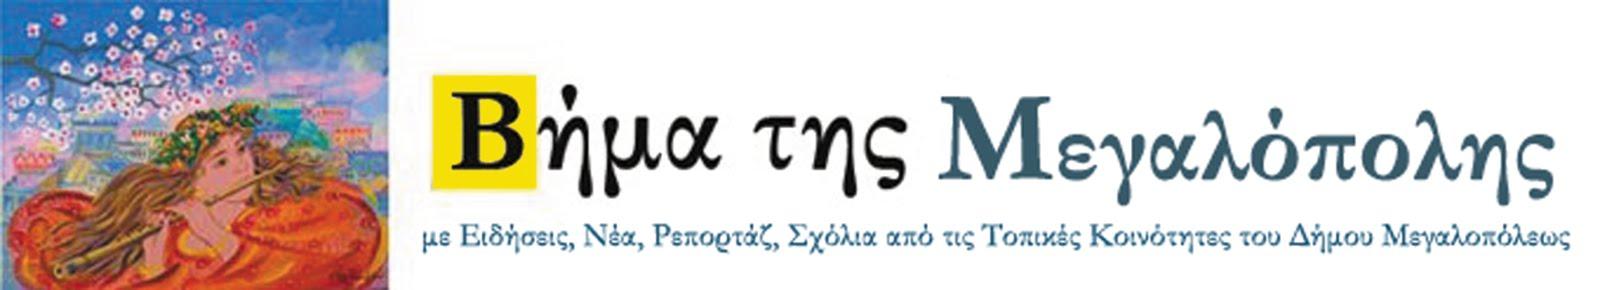 """Σελίδες της εφημερίδας """"Αρκαδικό Βήμα * για τις δραστηριότητες των Μεγαλοπολιτών"""